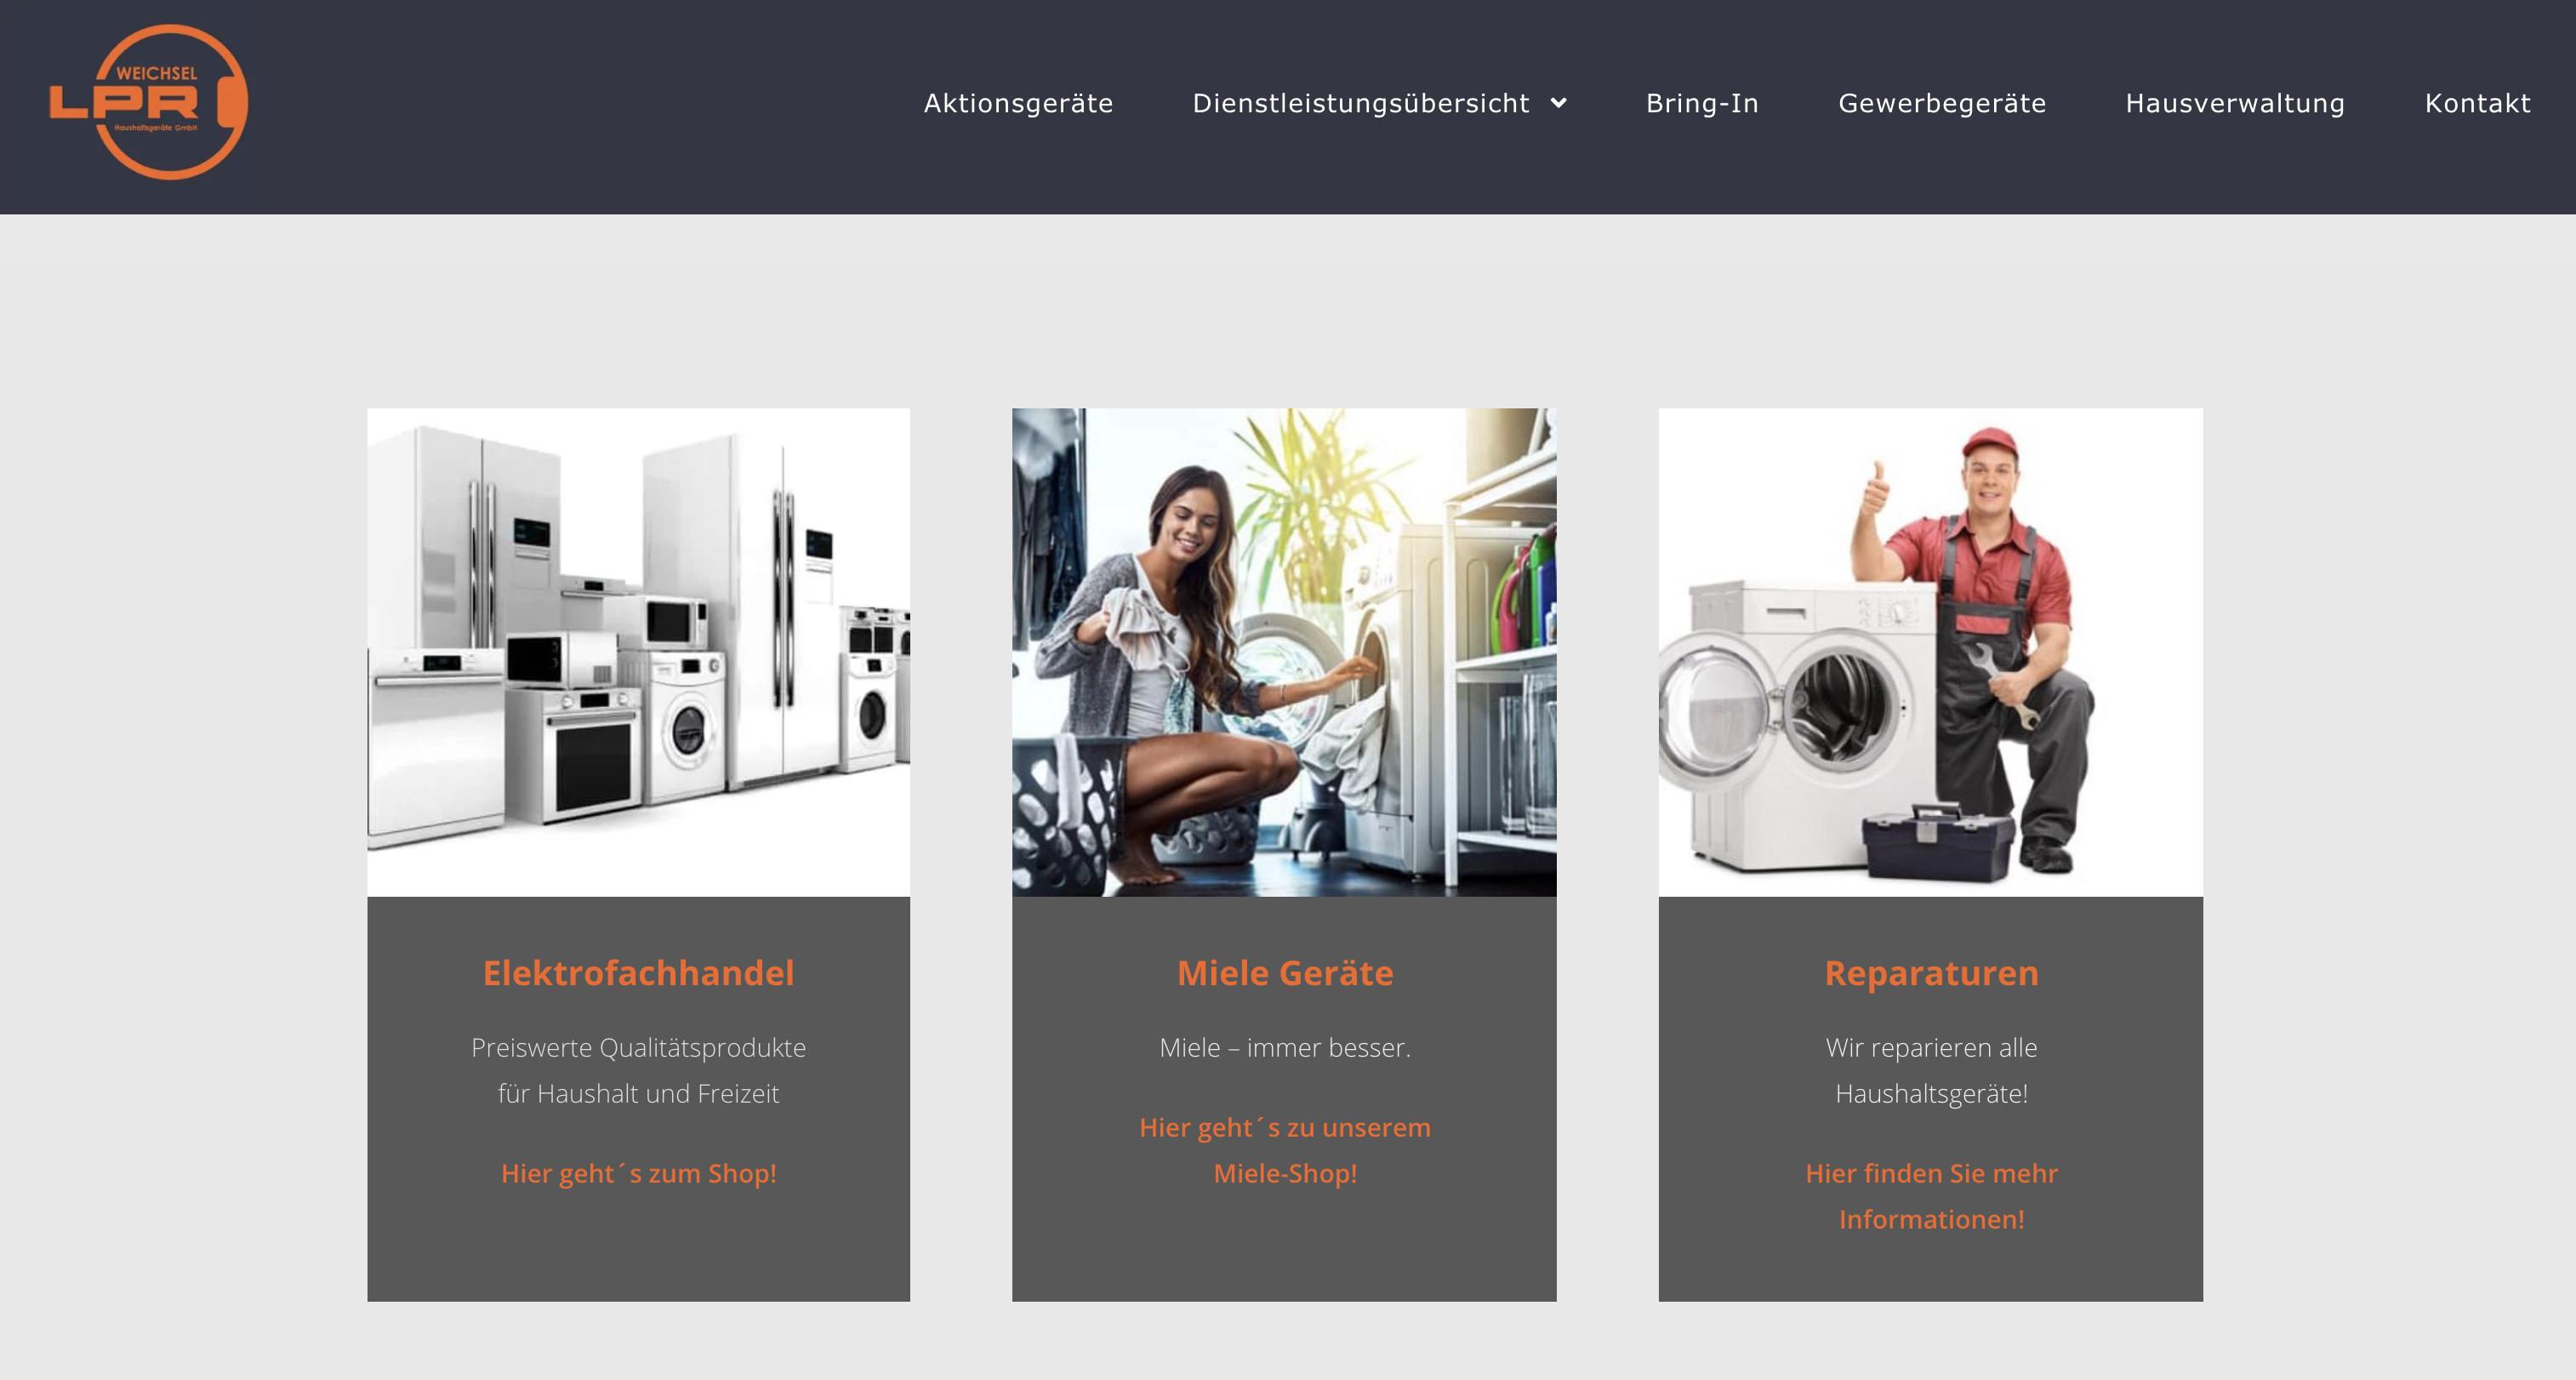 Weichsel / LPR Haushaltsgeräte GmbH